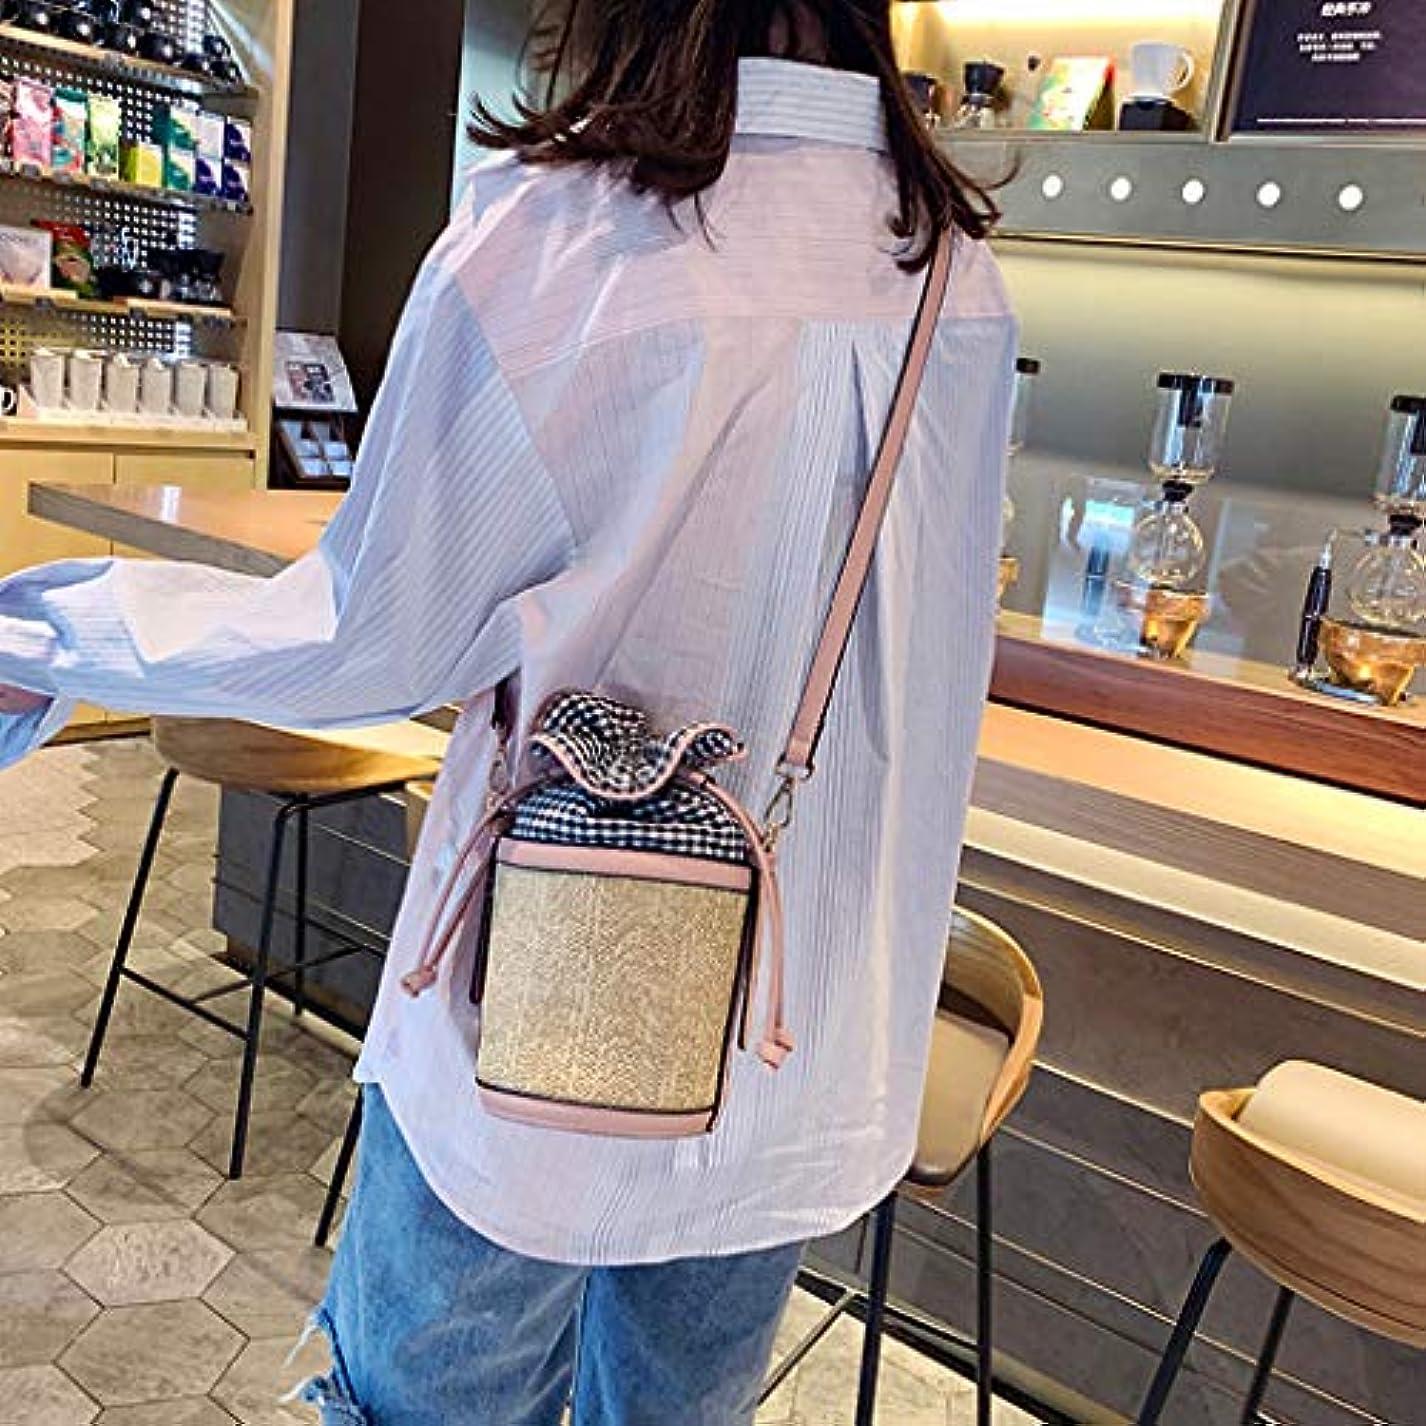 穀物コーンウォールトレッドファッション女性レトロ織り格子革バケットバッグクロスボディバッグショルダーバッグ、女性のヴィンテージ織格子縞ステッチバケットバッグ斜めバッグ (ピンク)